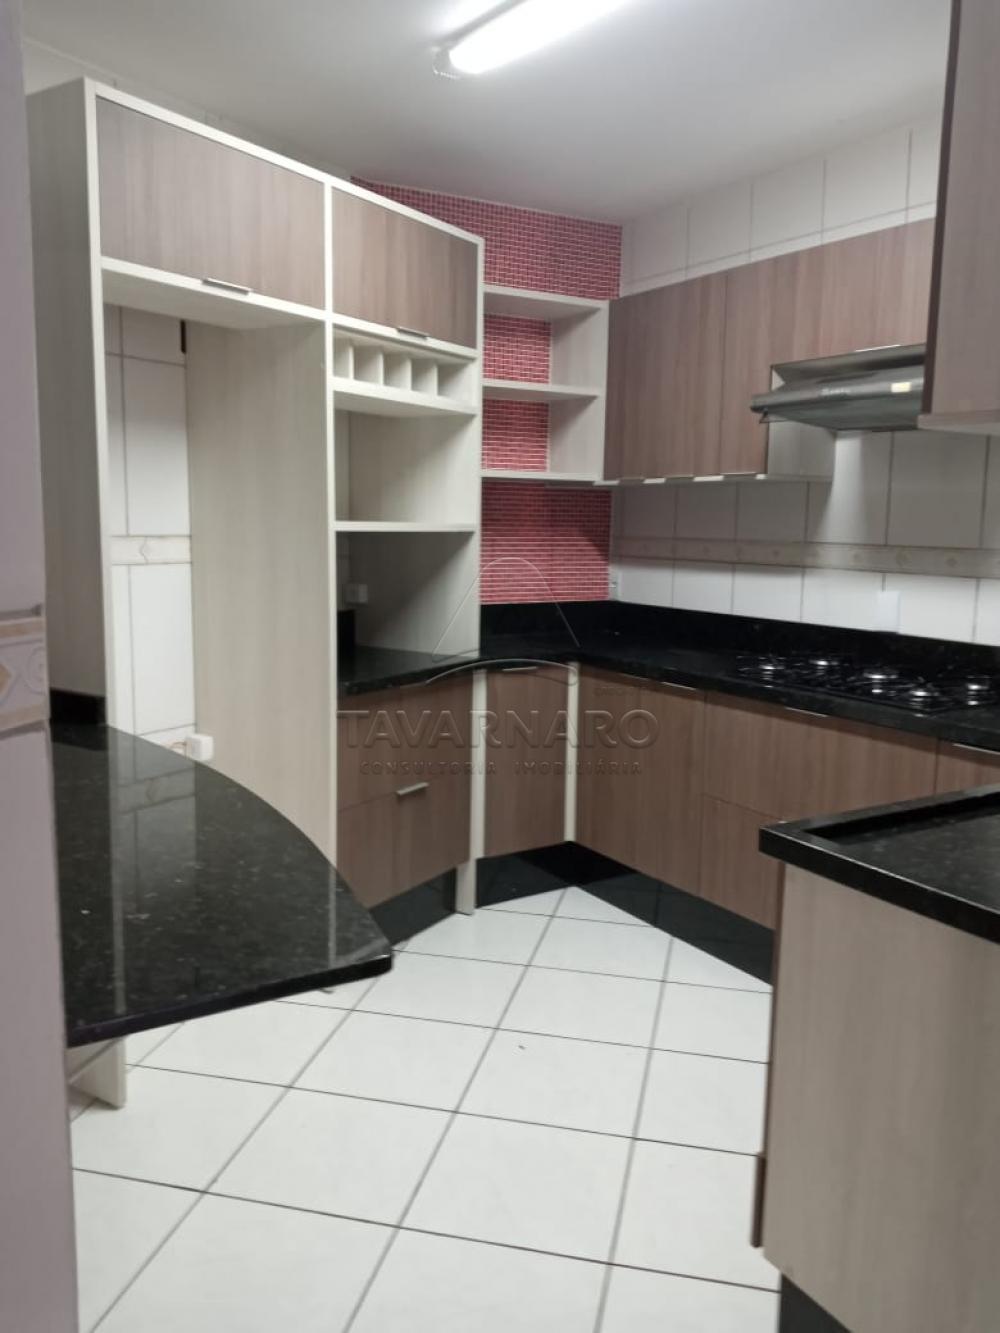 Alugar Casa / Sobrado em Ponta Grossa R$ 950,00 - Foto 6